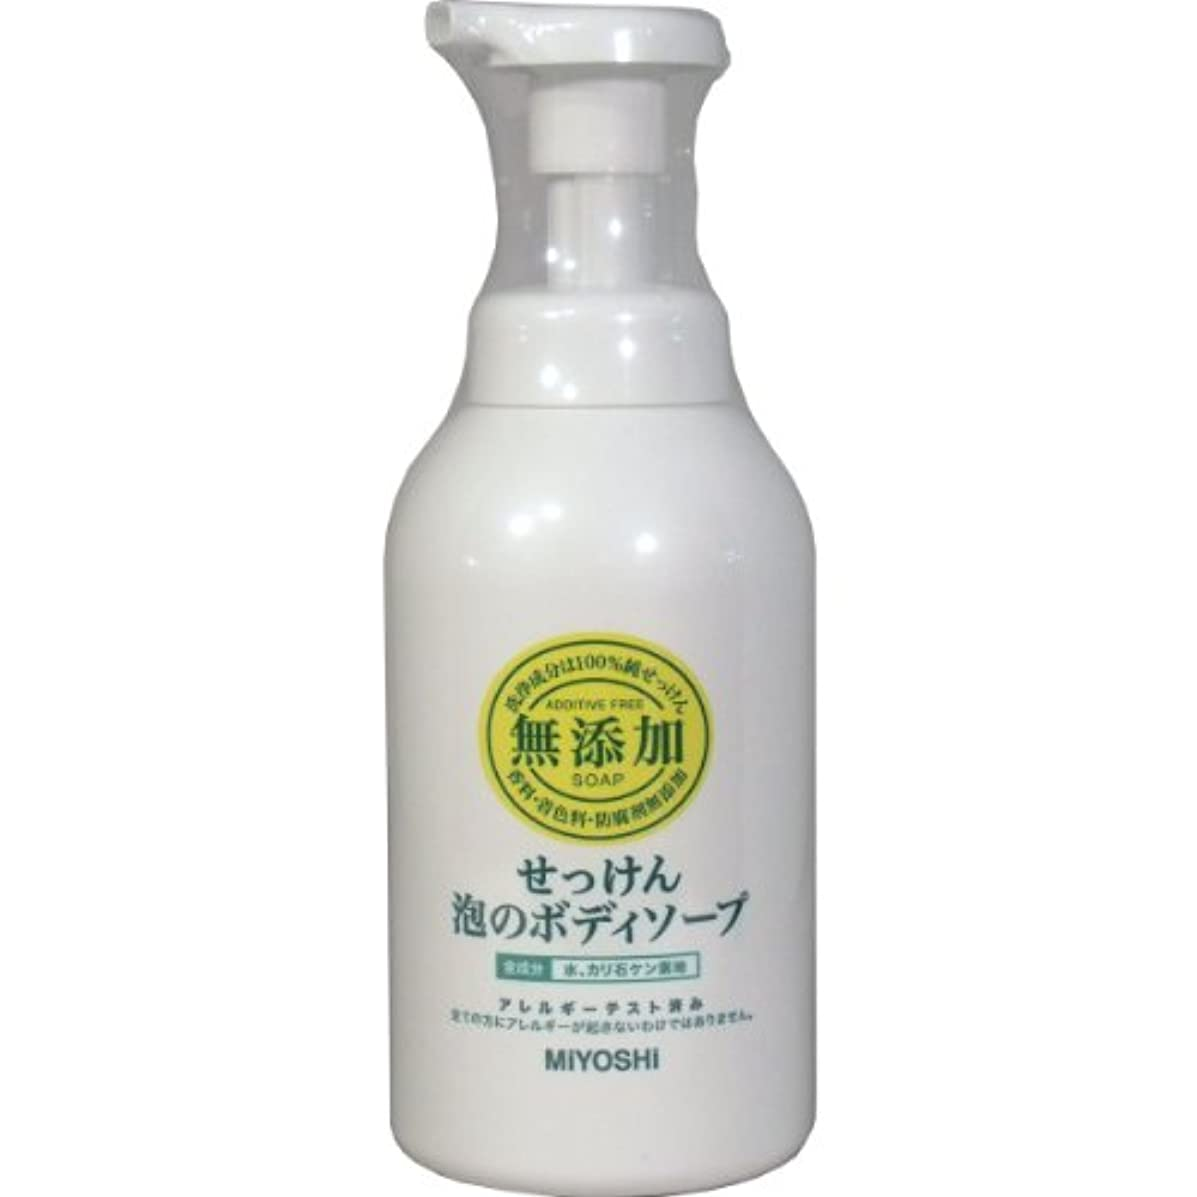 チーフ肌協力【お徳用 4 セット】 ミヨシ 無添加 せっけん 泡のボディソープ 500ml(無添加石鹸)×4セット